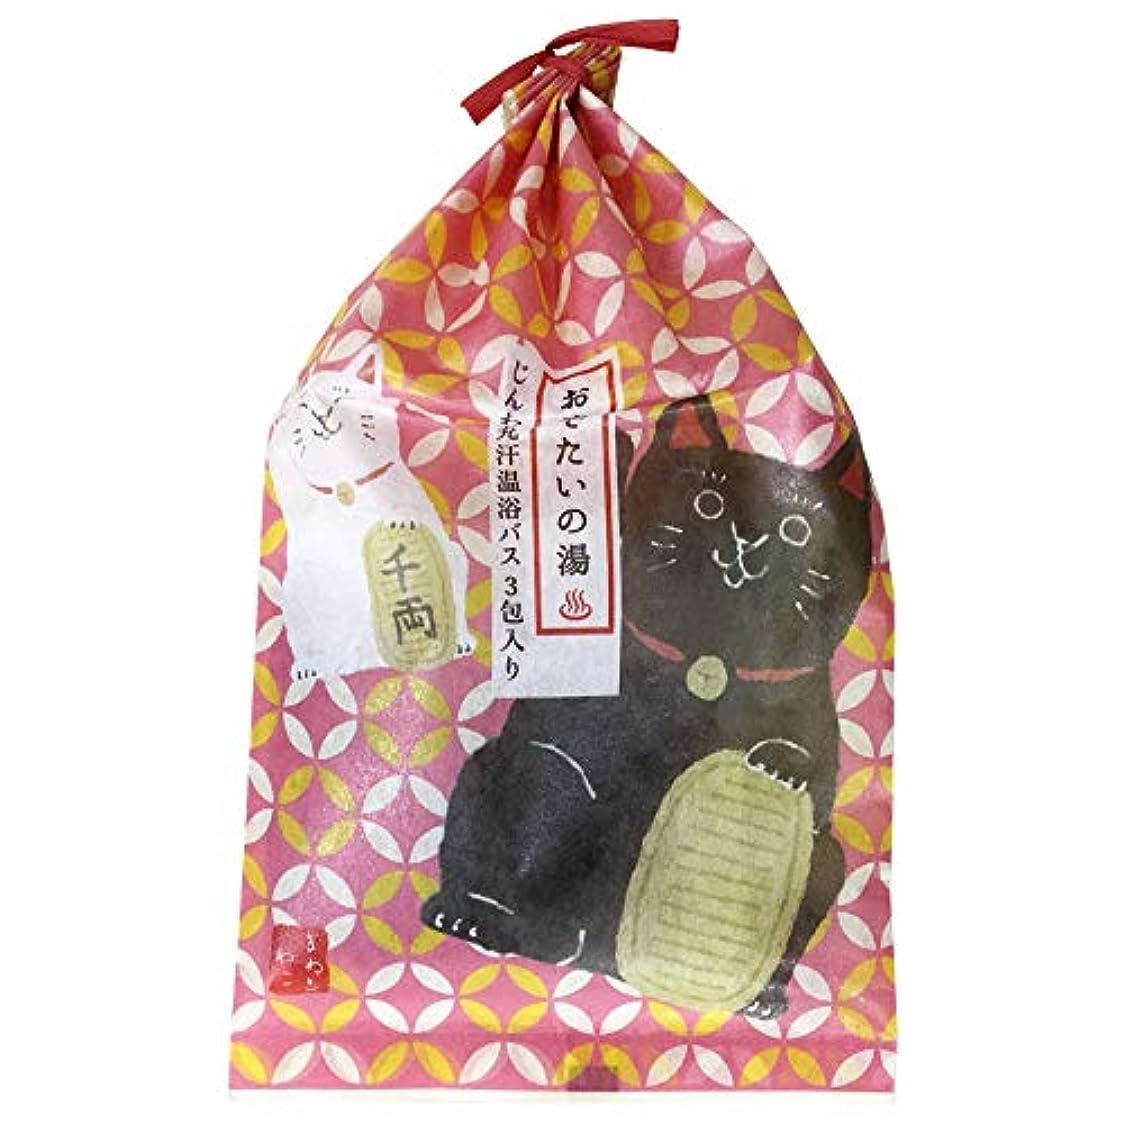 メンテナンス有害証人【招き猫(60789)】 チャーリー おめでたいの湯 バスバッグ3包入り 日本製